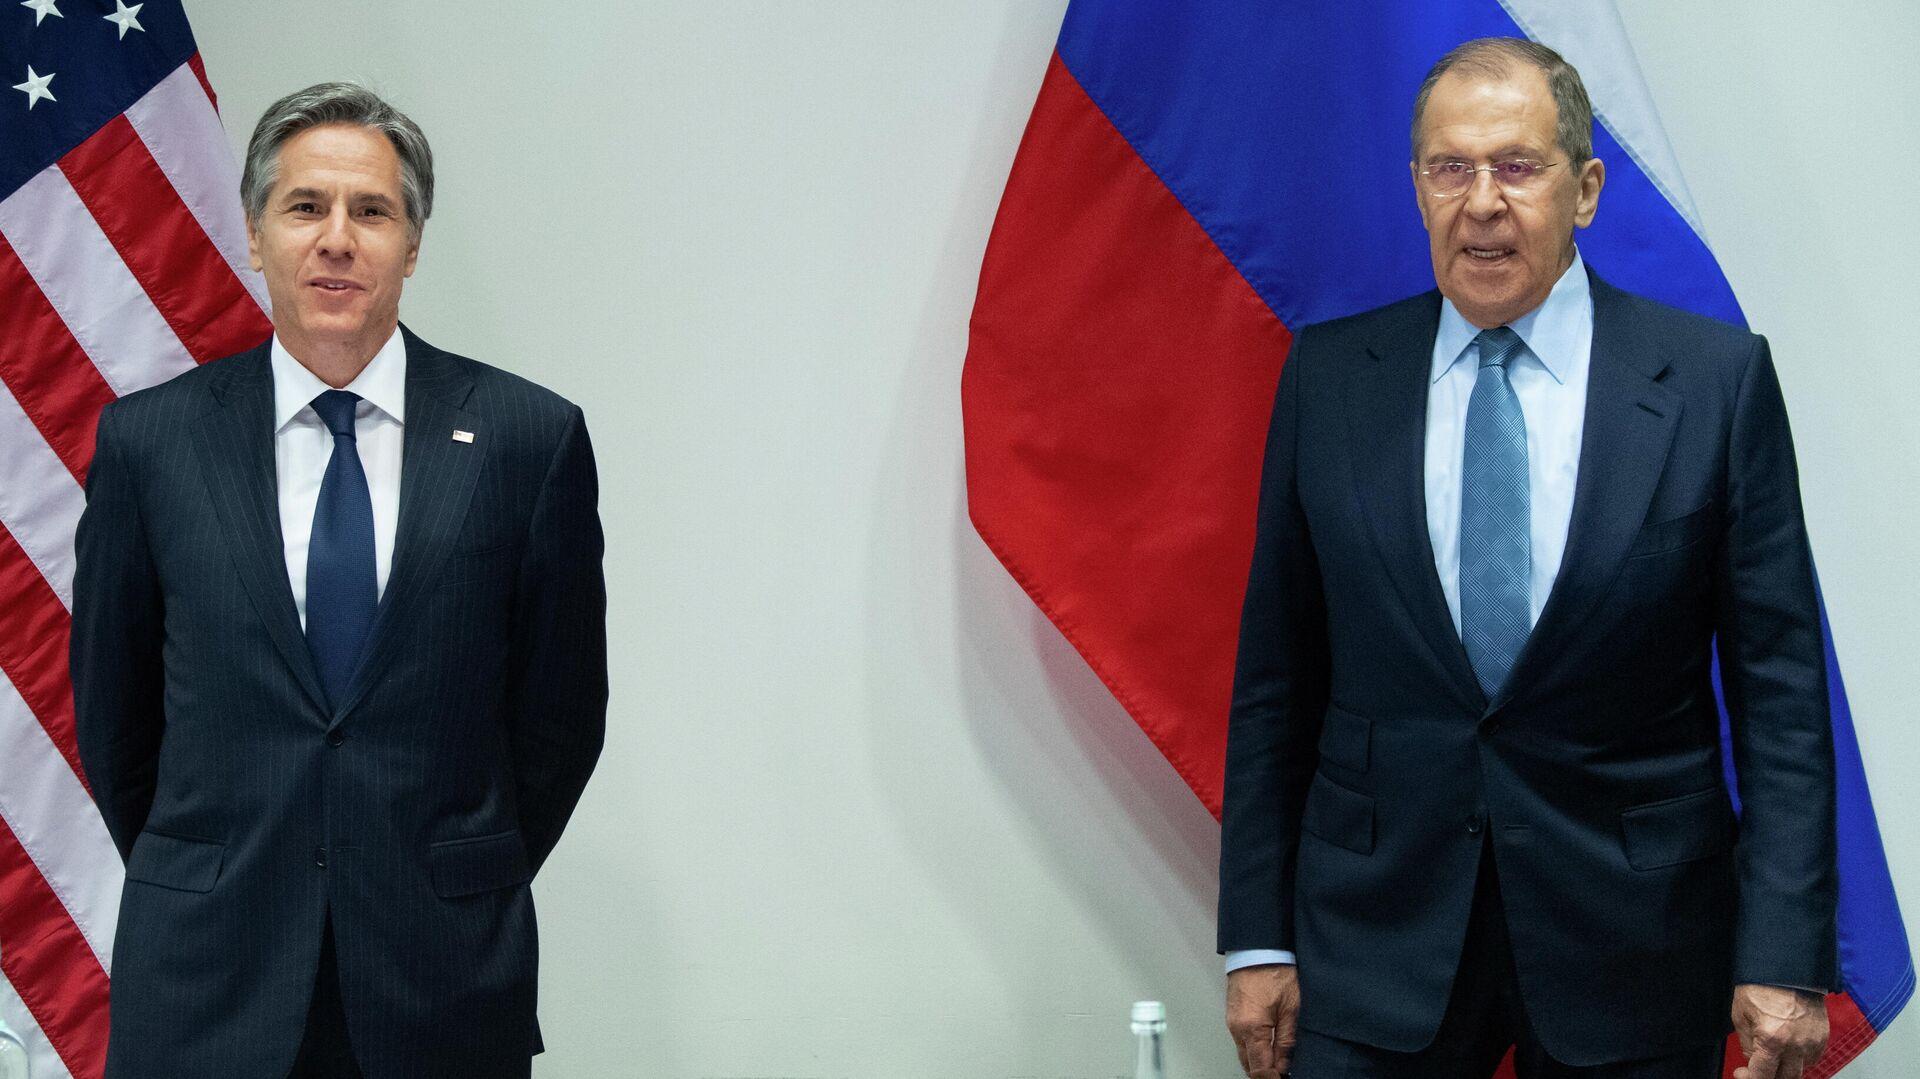 Secretario de Estado de EEUU, Antony Blinken, y ministro de Exteriores ruso, Serguéi Lavrov - Sputnik Mundo, 1920, 20.05.2021